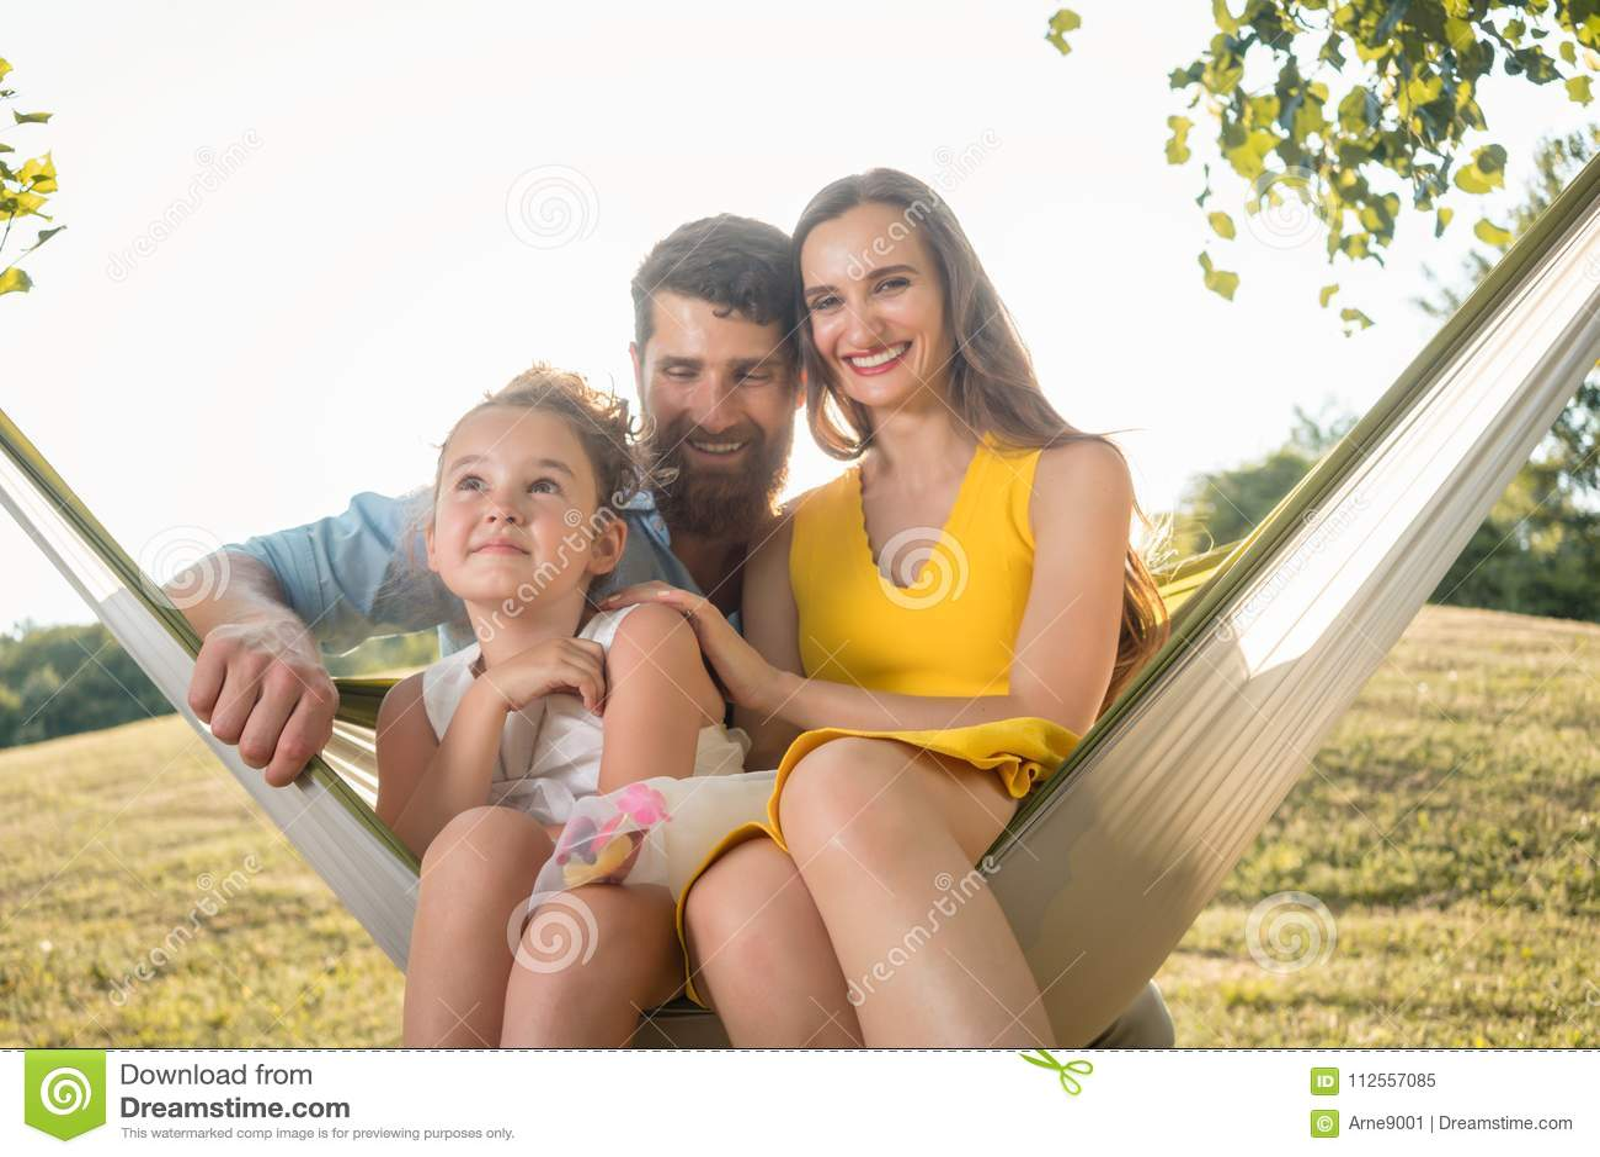 Szczęśliwa piękna kobieta i przystojny mąż pozuje wraz z ich córką